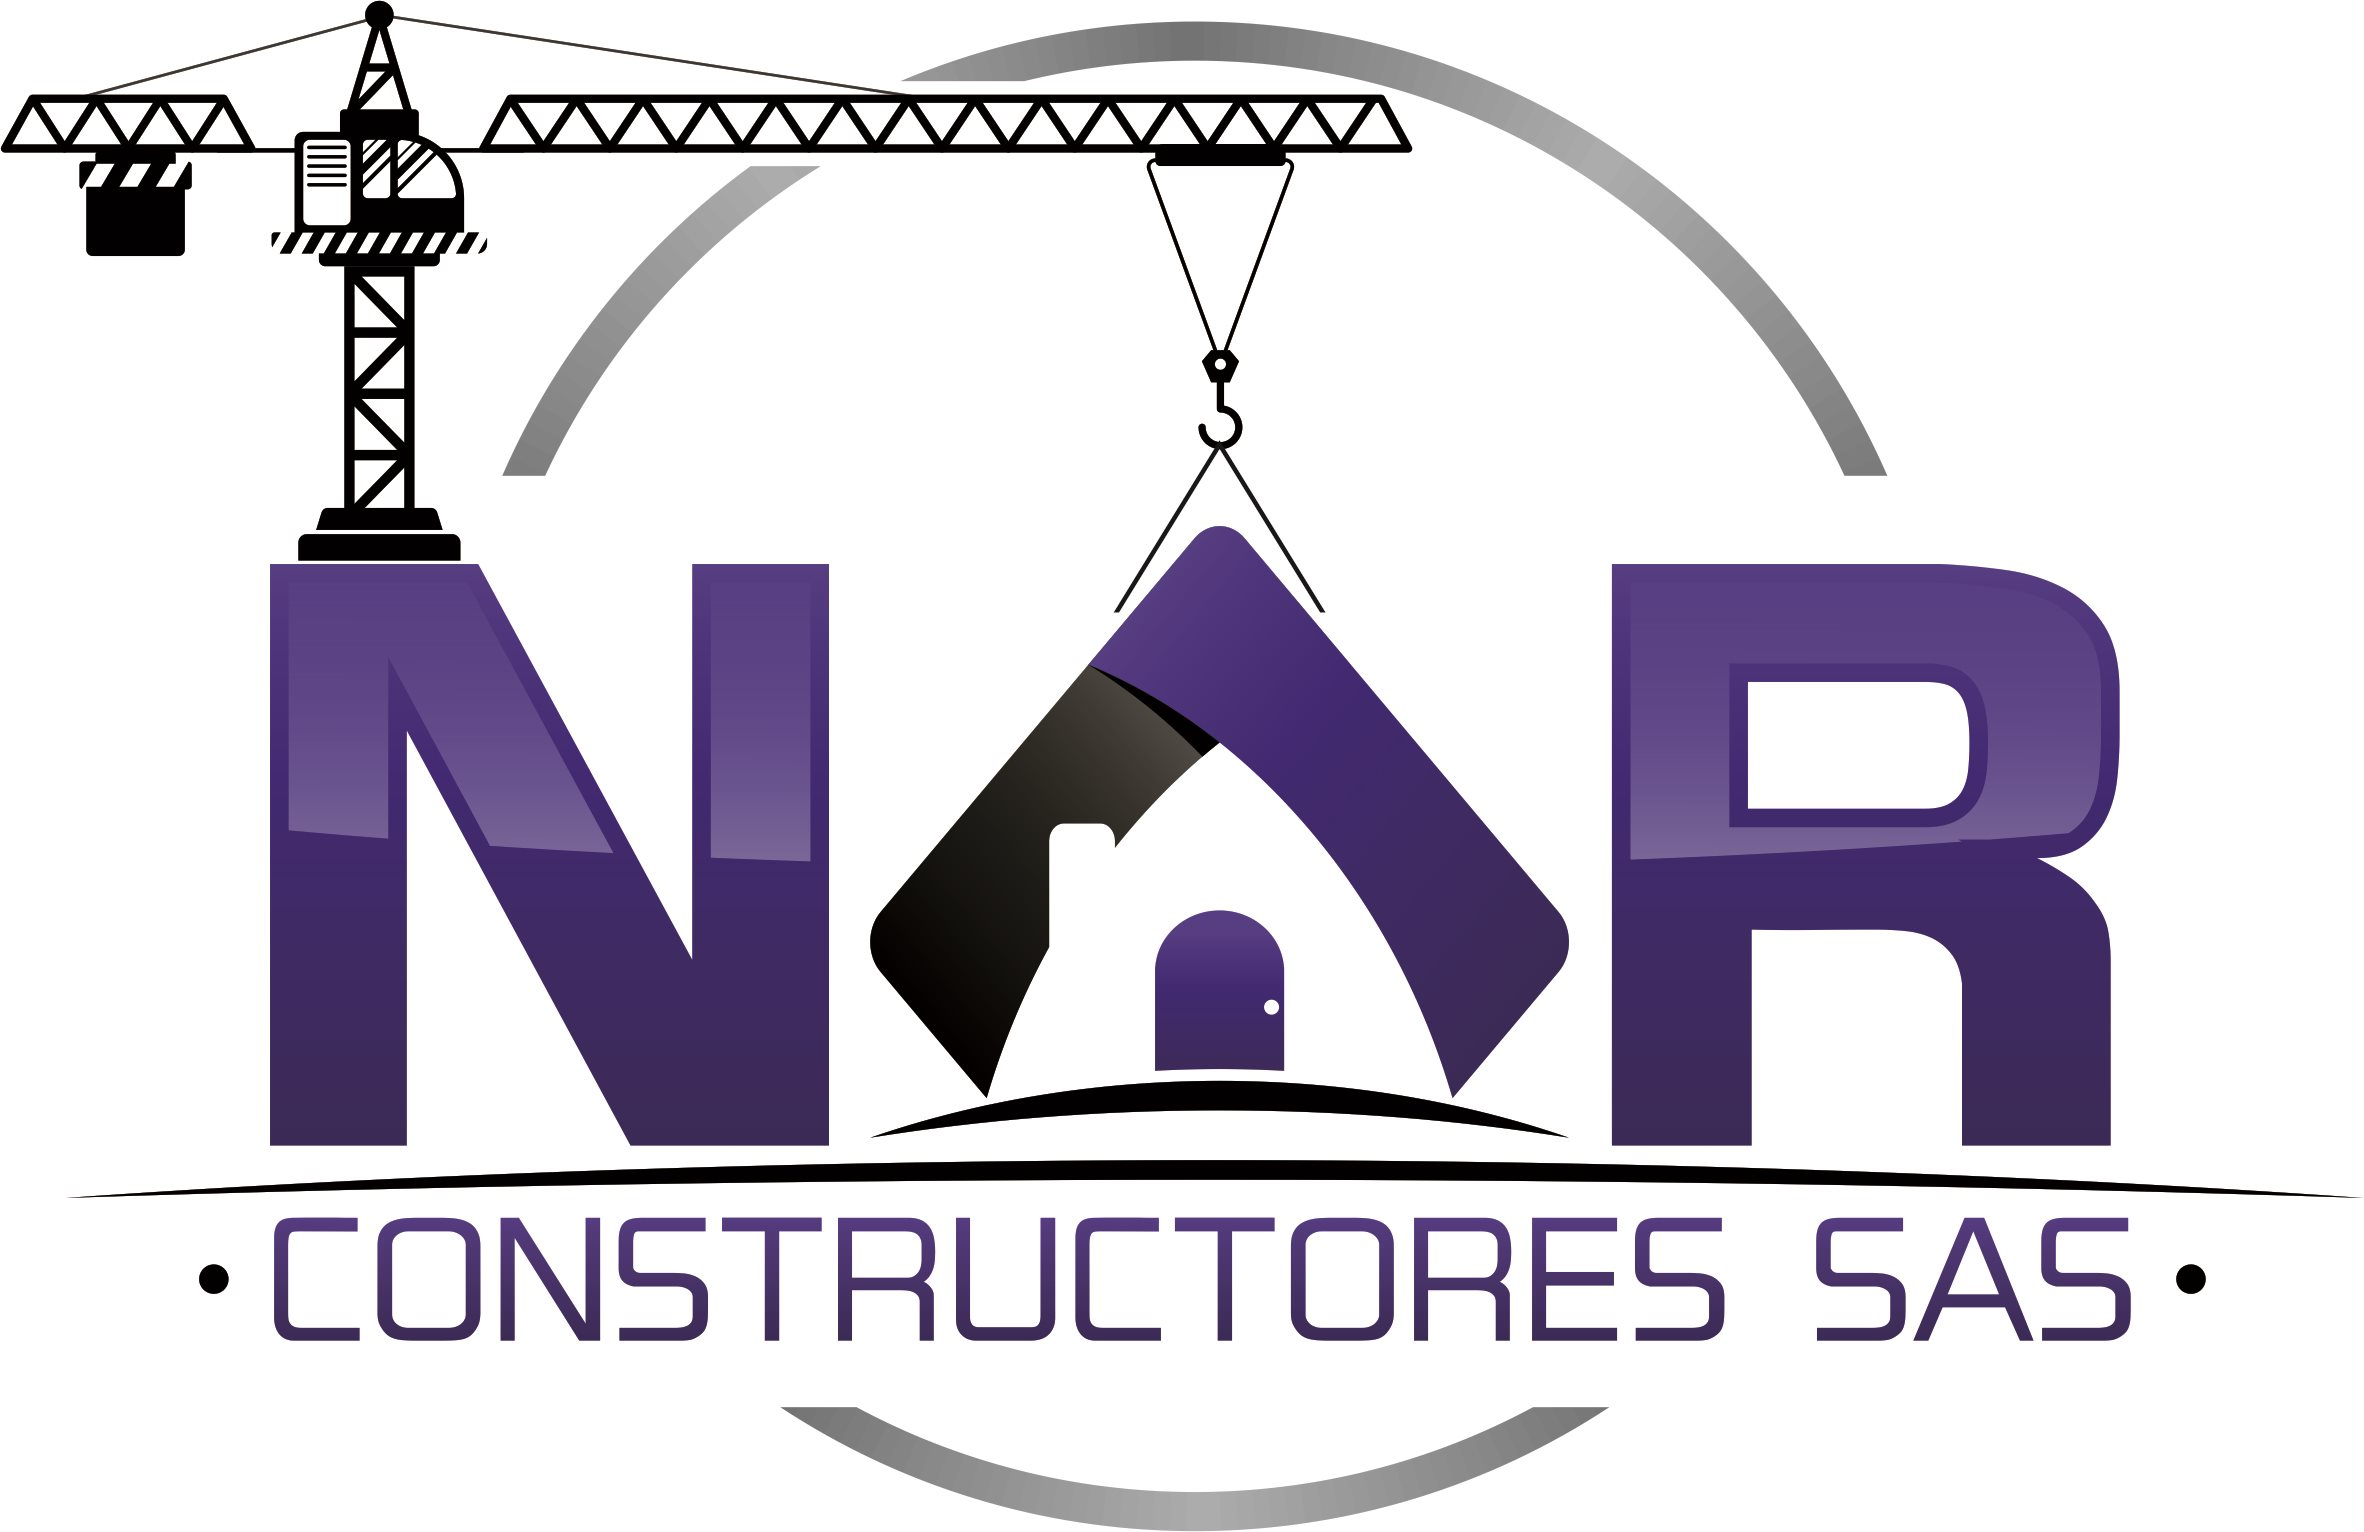 NAR CONSTRUCTORES SAS